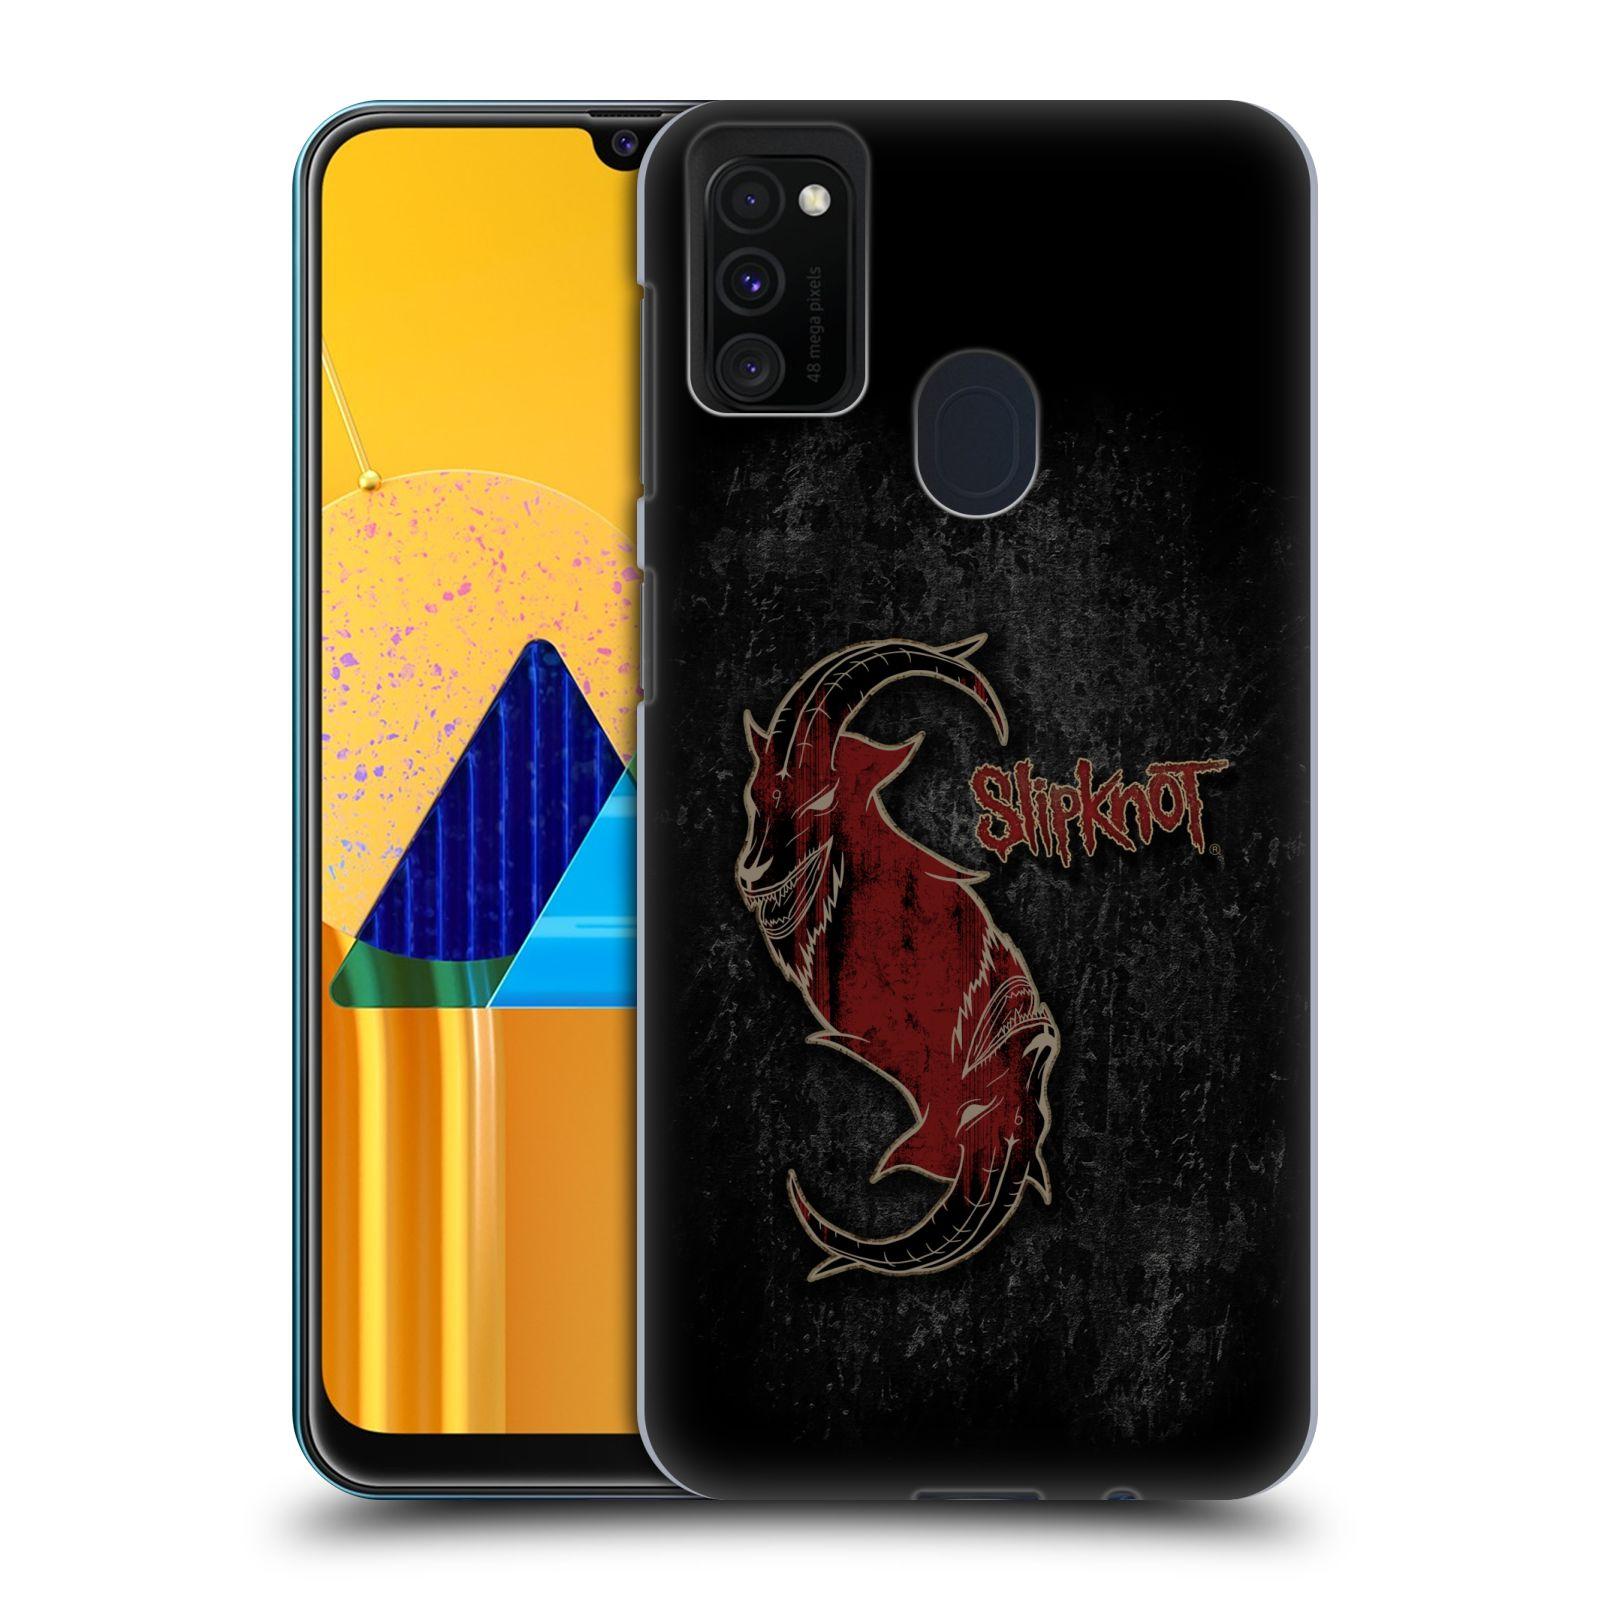 Plastové pouzdro na mobil Samsung Galaxy M21 - Head Case - Slipknot - Rudý kozel